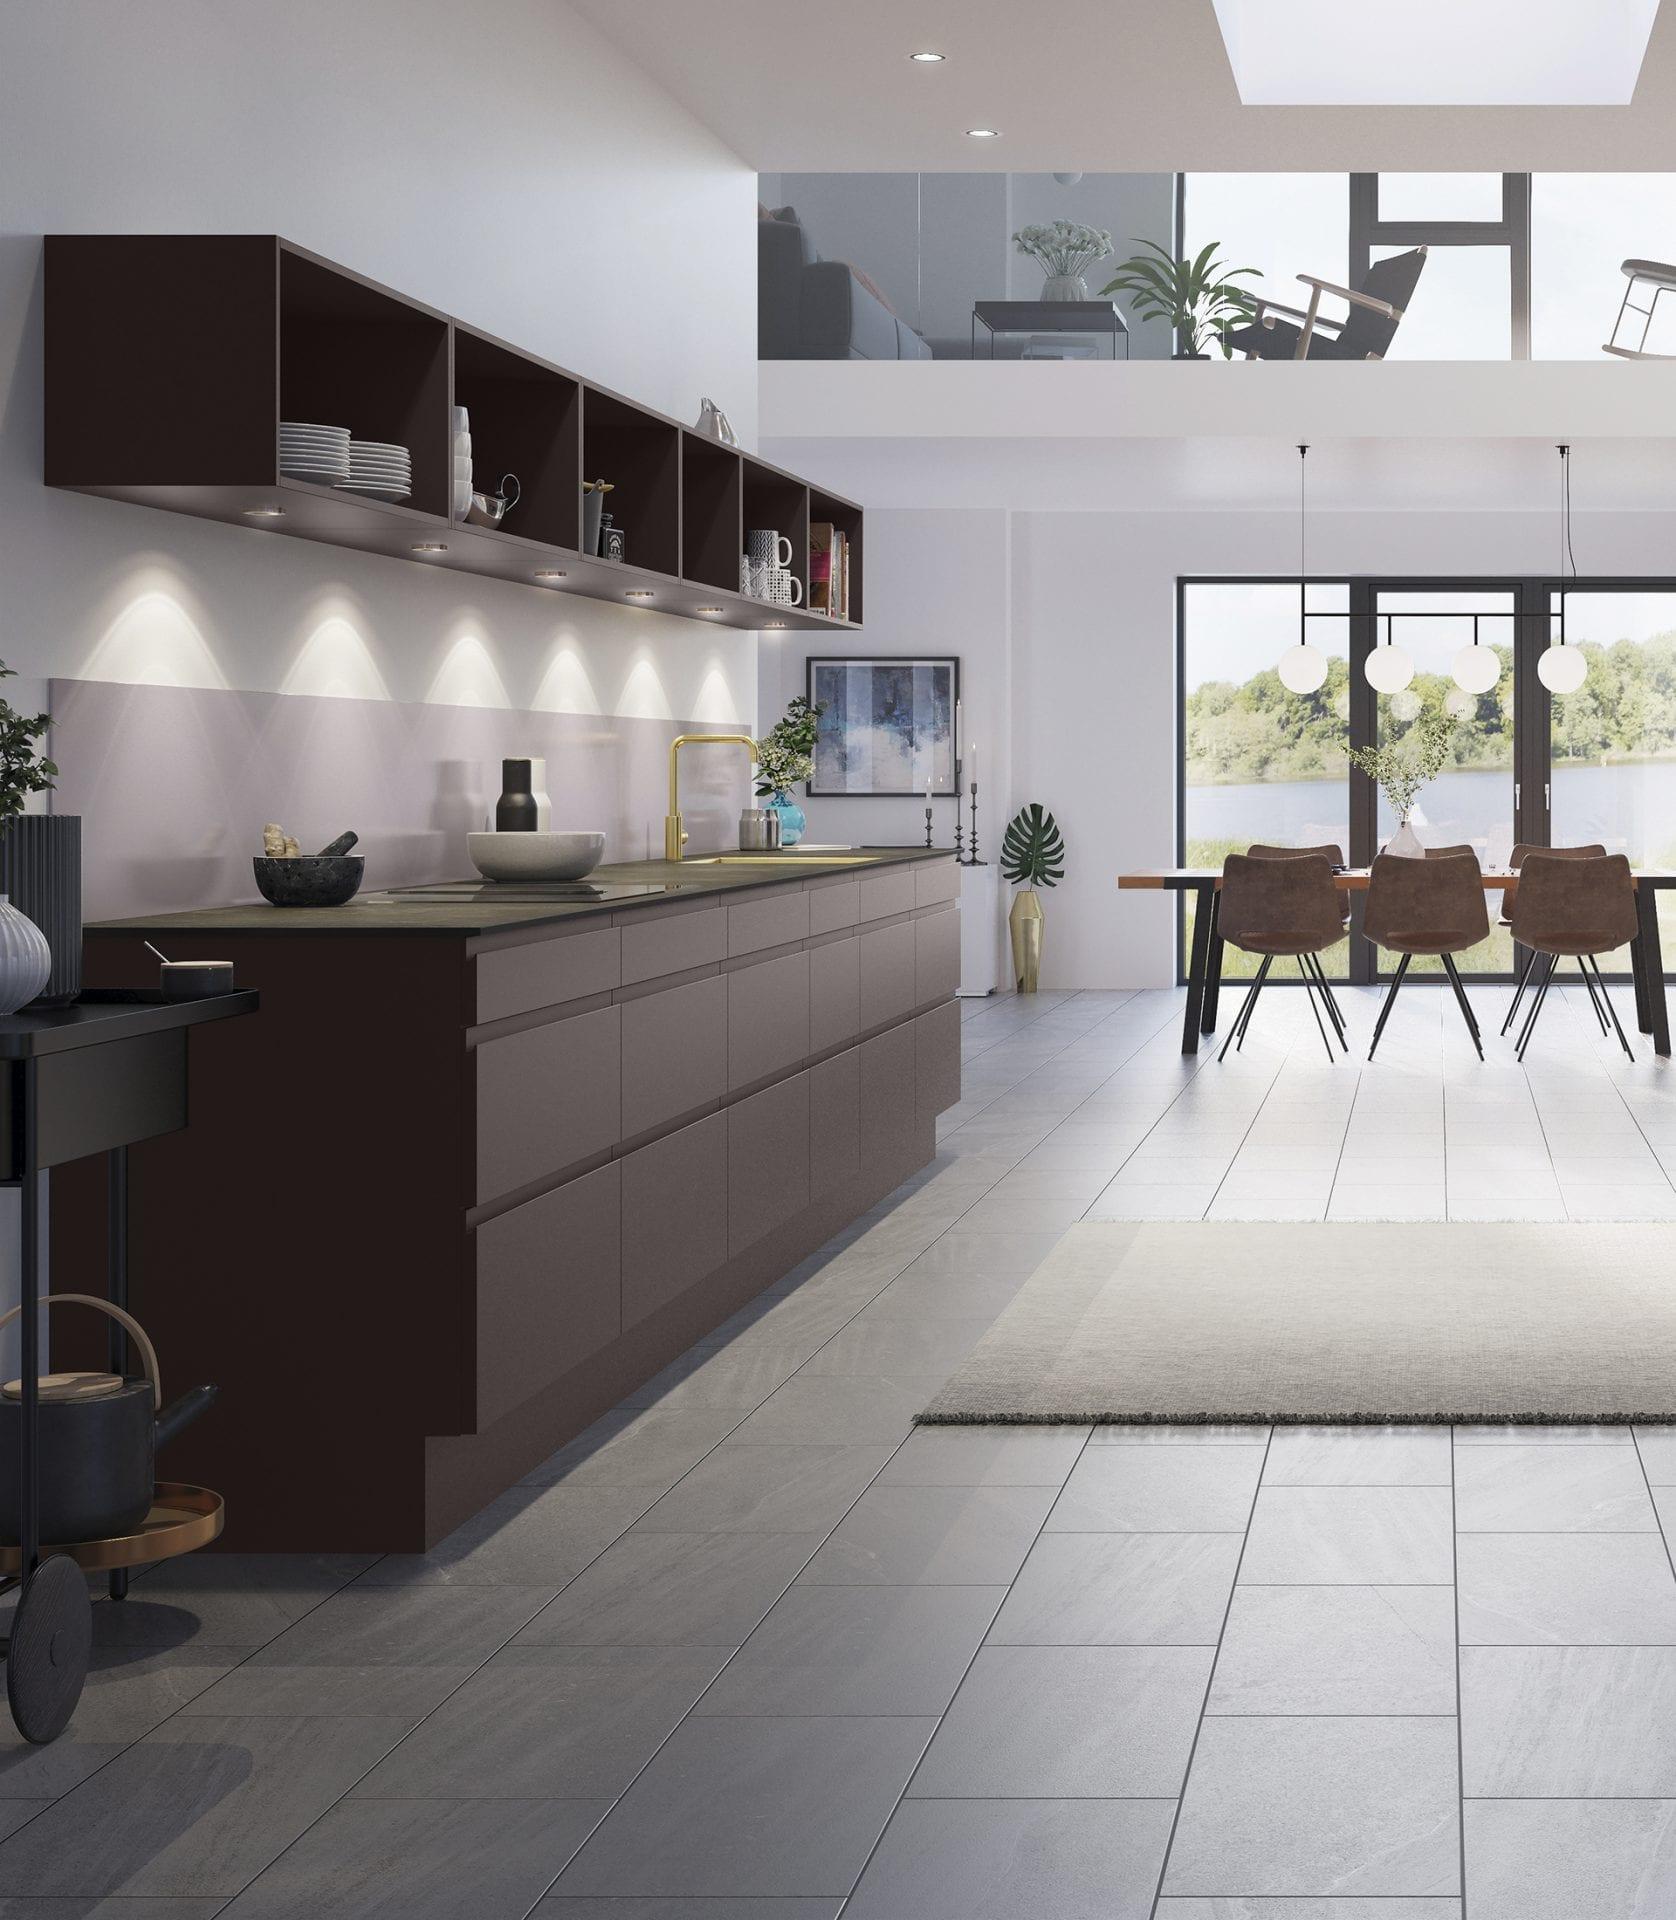 Picture of: Det Grebsfrie Kokken Rent Skandinavisk Design Aubo